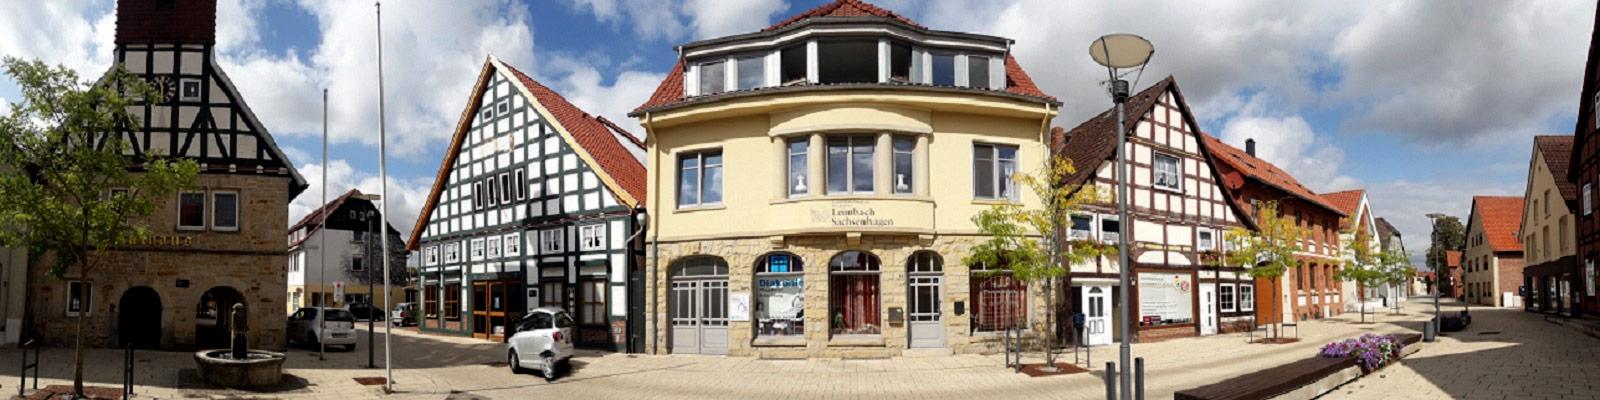 Diakonie Pflegedient Schaumburg Standort Sachsenhagen